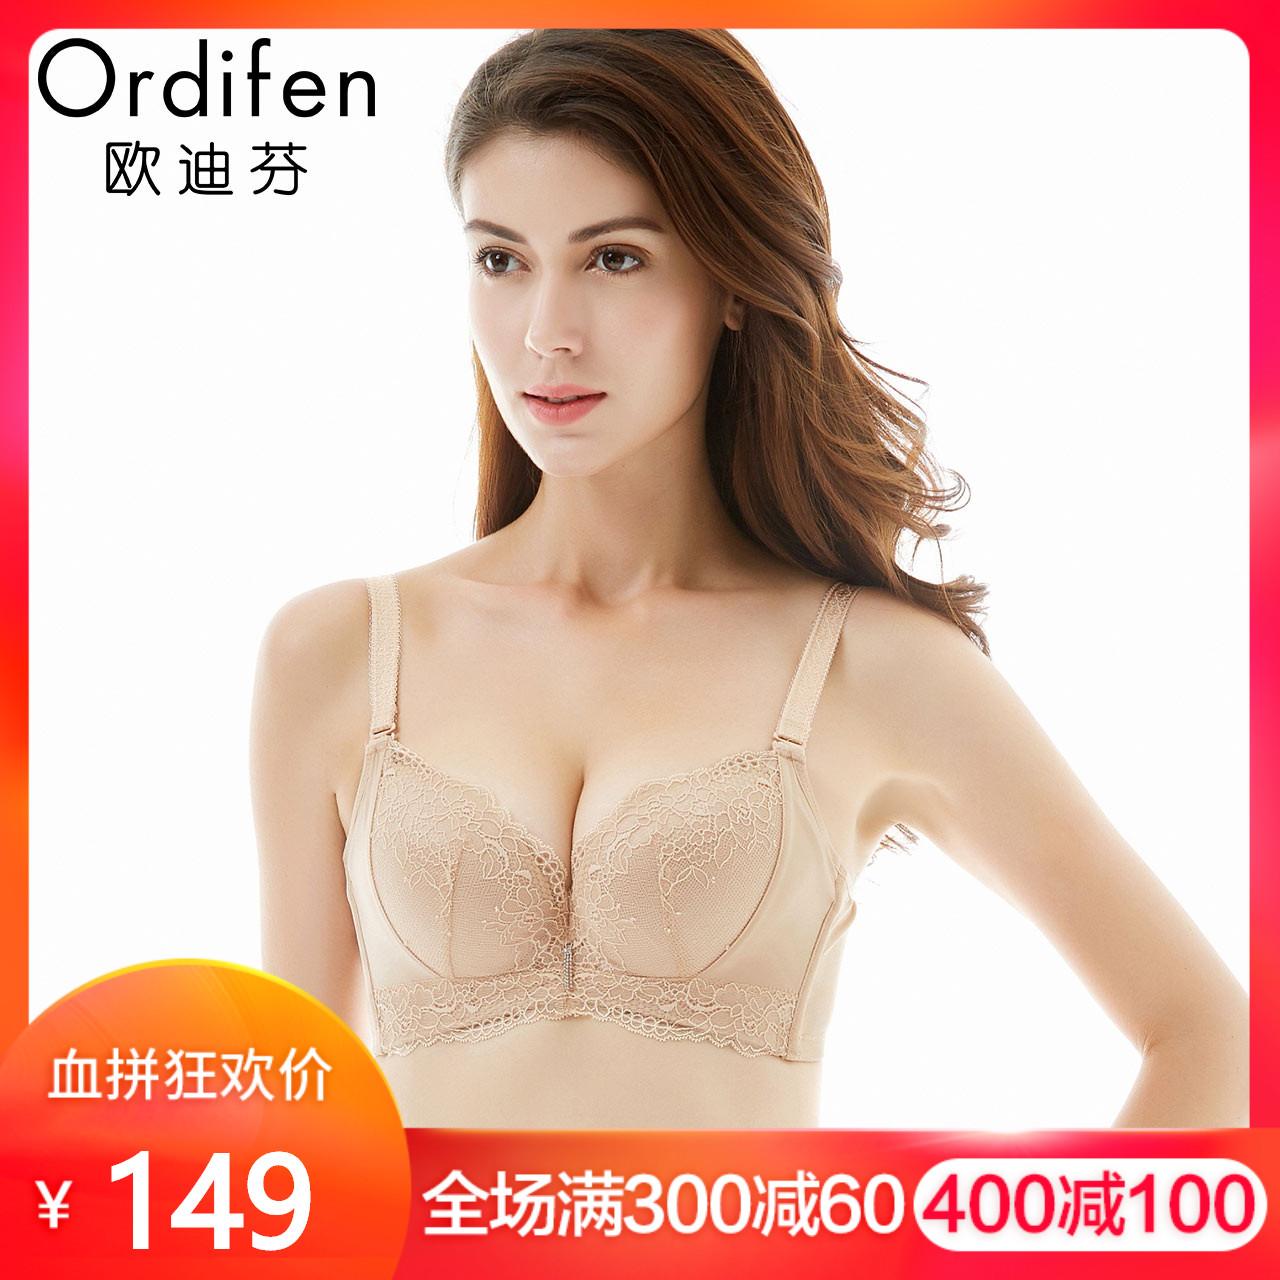 欧迪芬秋冬新款上托胸罩蕾丝小胸衣聚拢性感女士文胸内衣XB7136